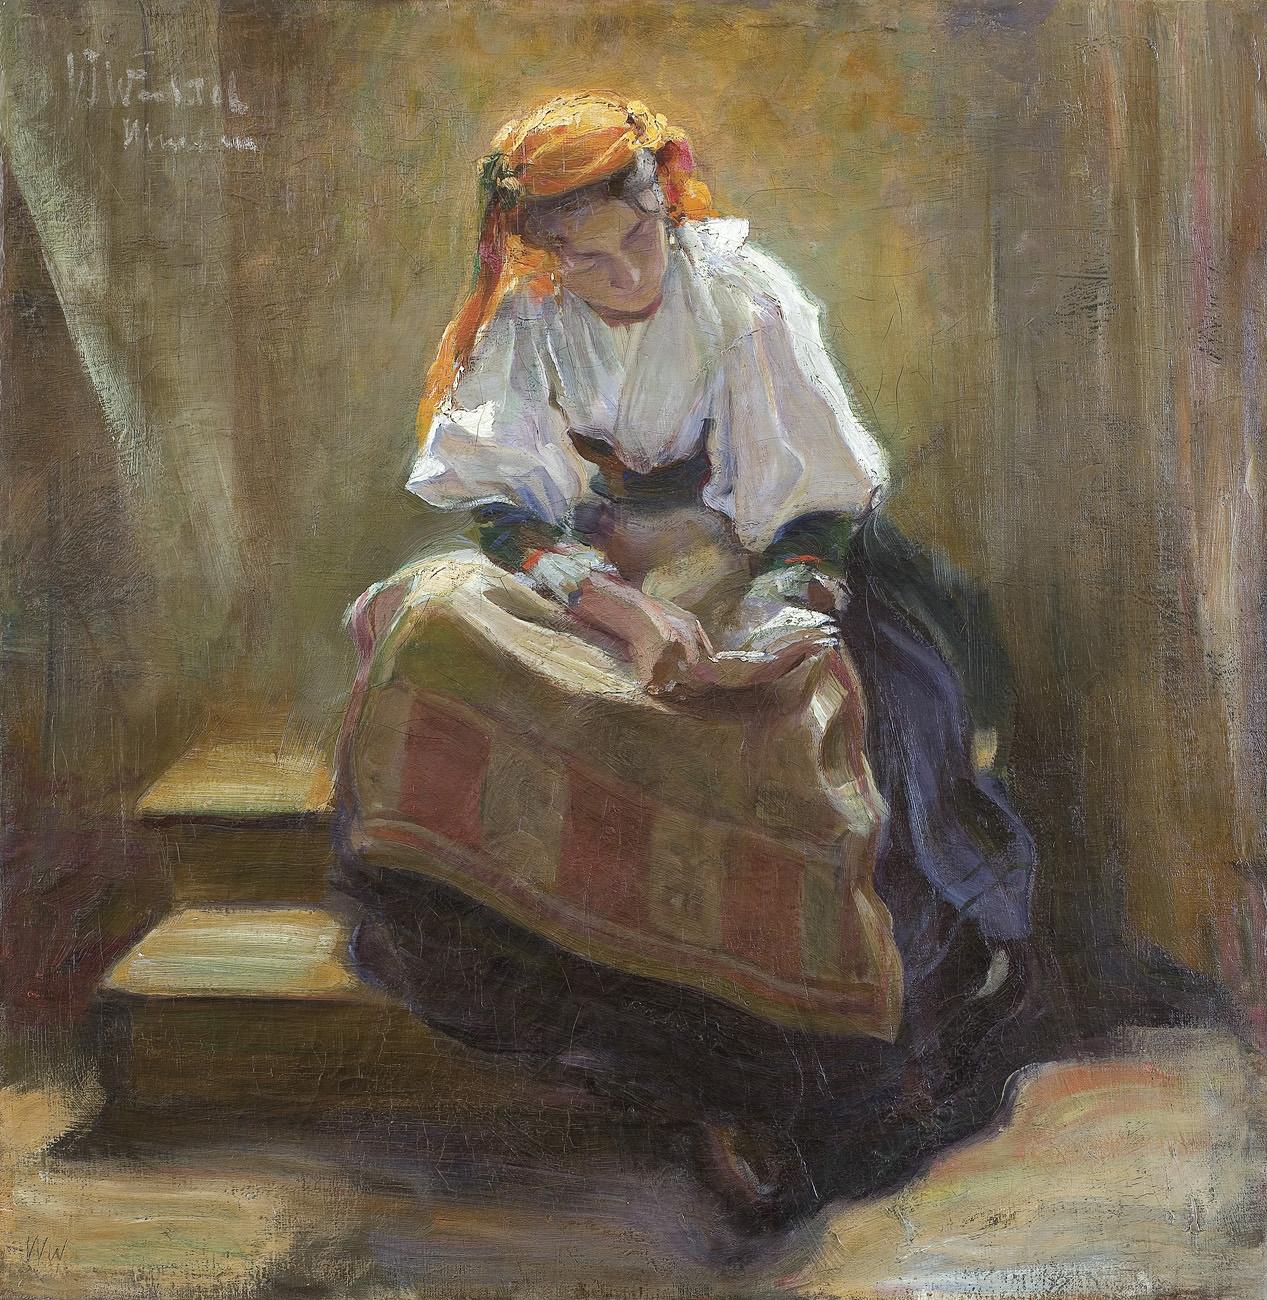 DZIEWCZYNA NAD KSIĄŻKĄ, ok. 1900